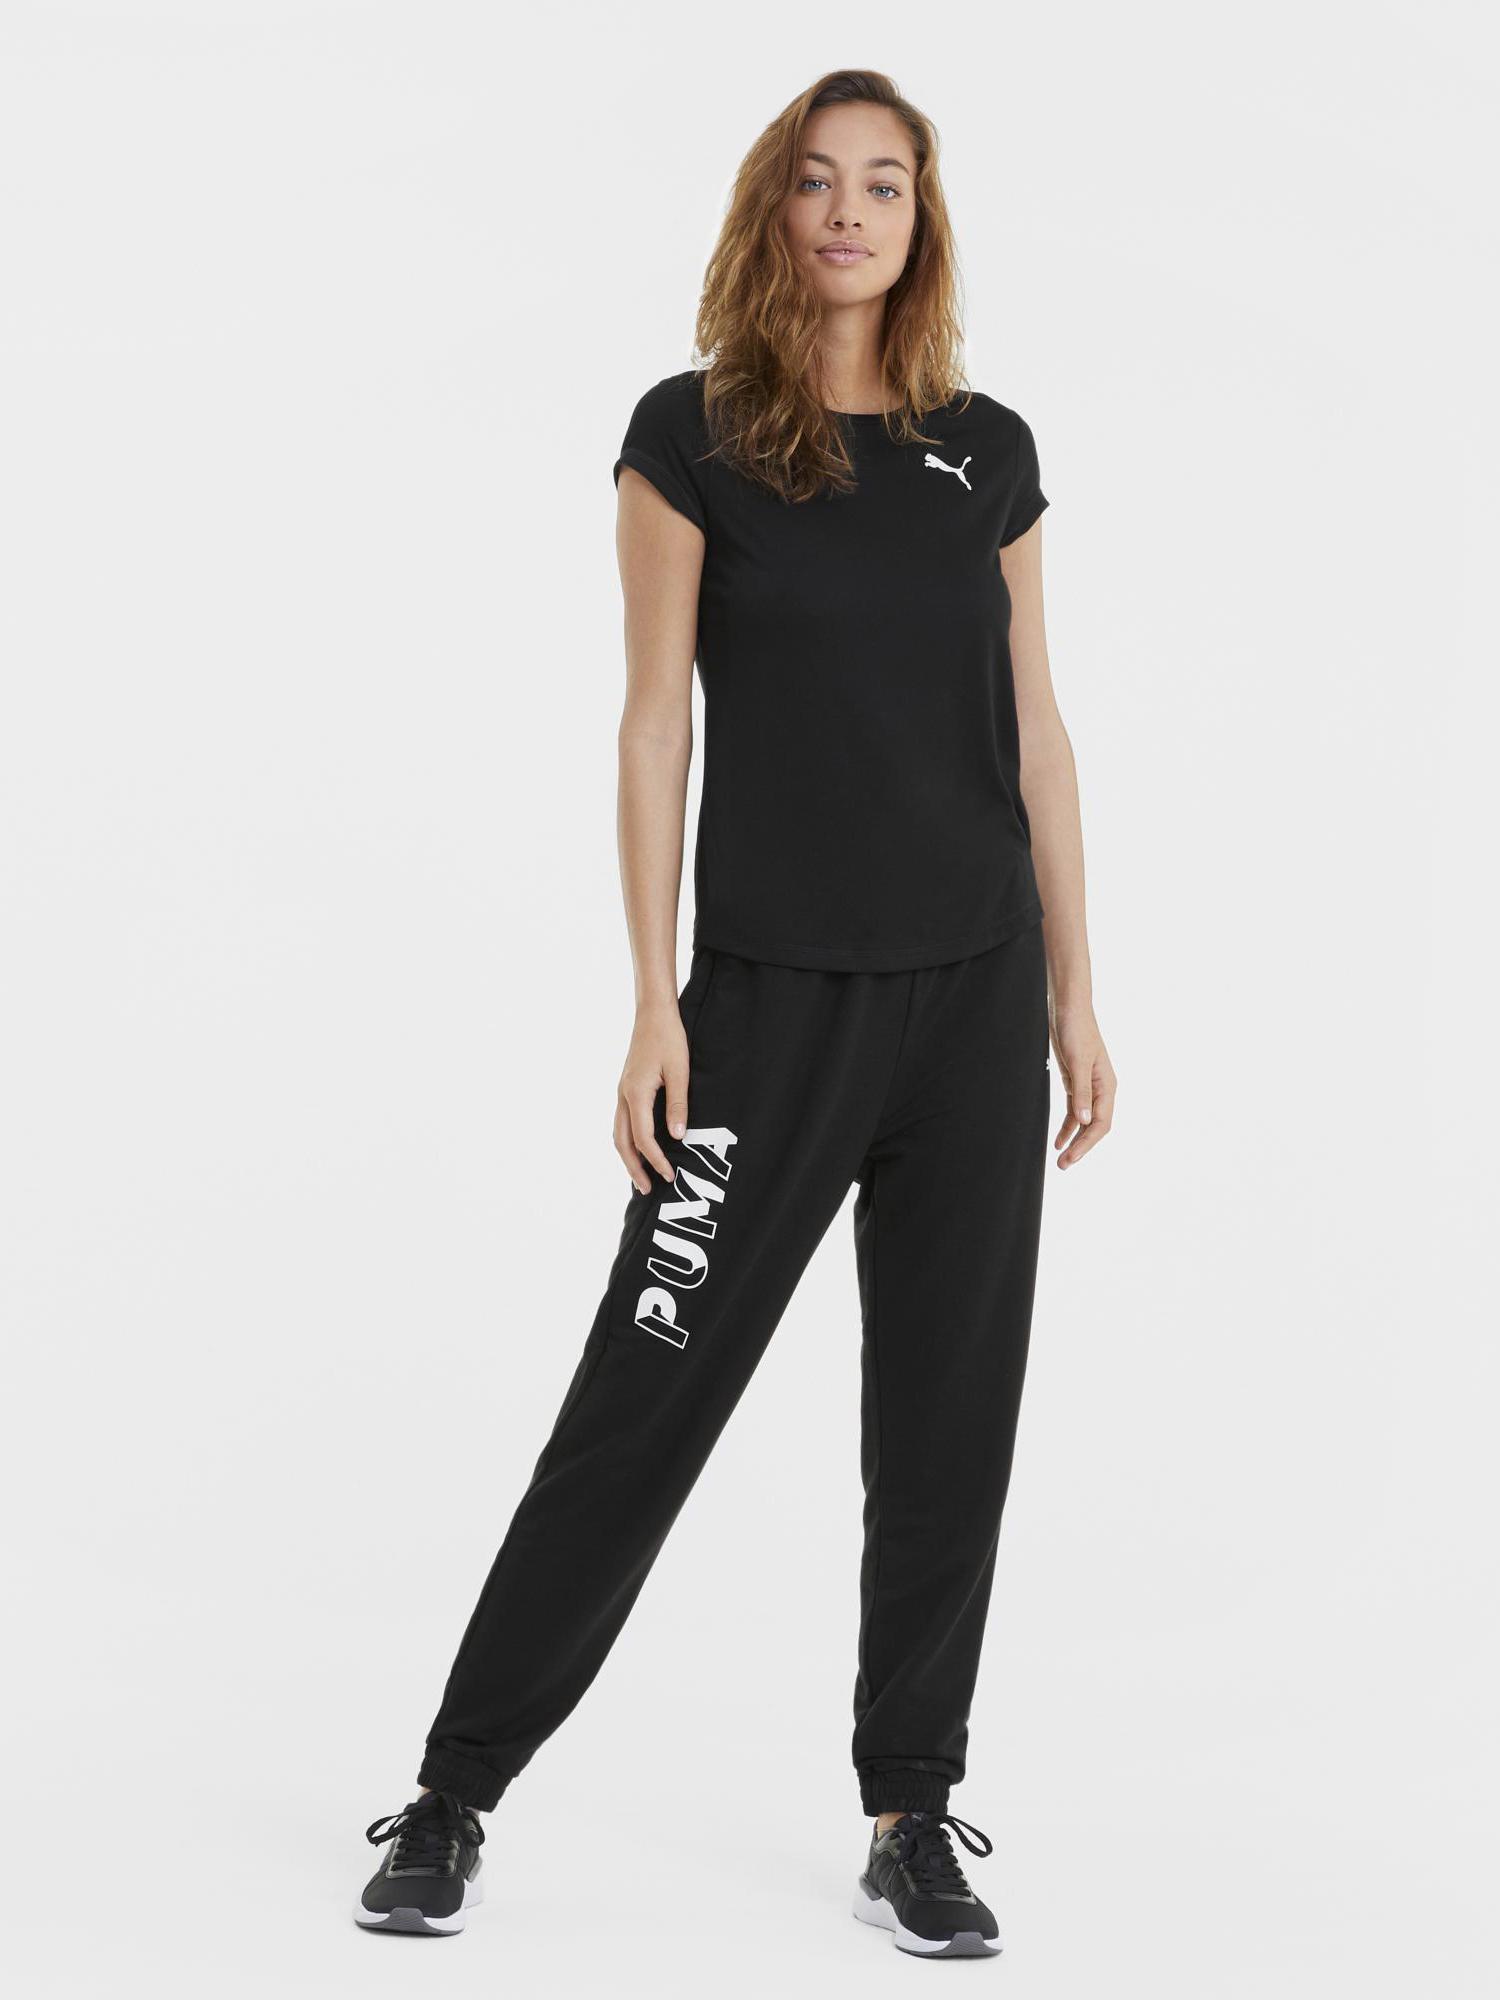 Puma czarny damska koszulka Active